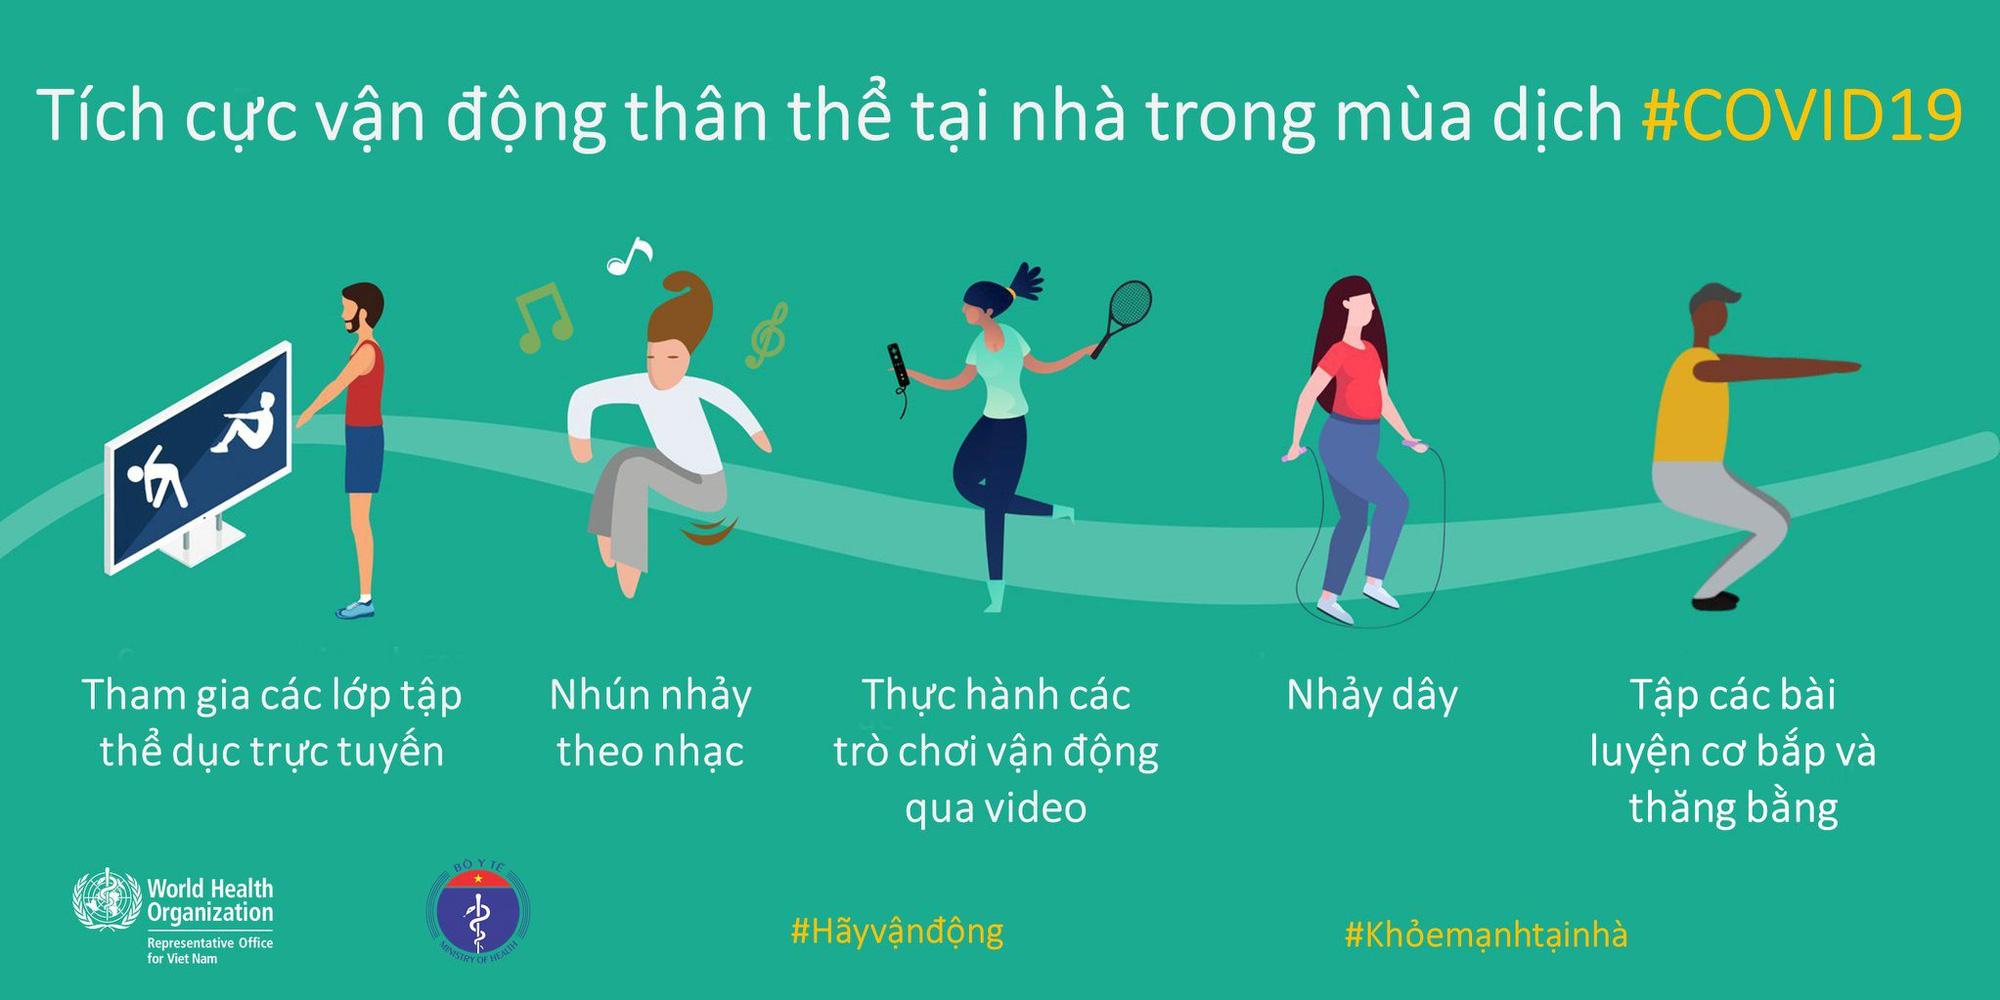 Cập nhật tình hình virus corona ở Việt Nam ngày 8/4: Chỉ thêm 2 ca nhiễm trong ngày, 42 bệnh nhân khác đã âm tính - Ảnh 3.